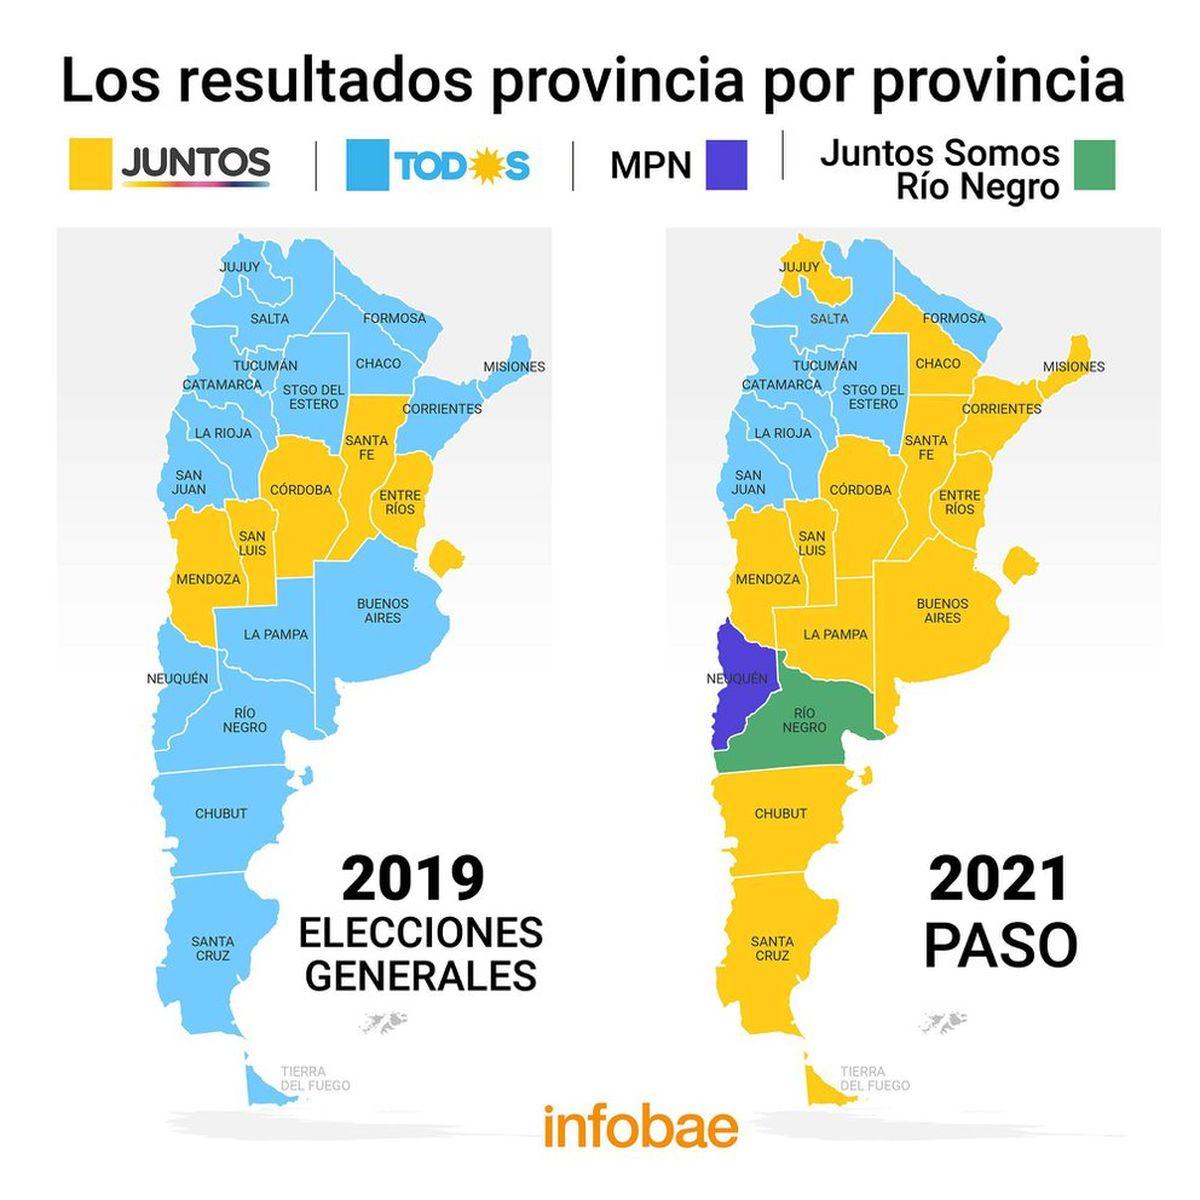 Así quedó el mapa político de Argentina en comparación con el 2019